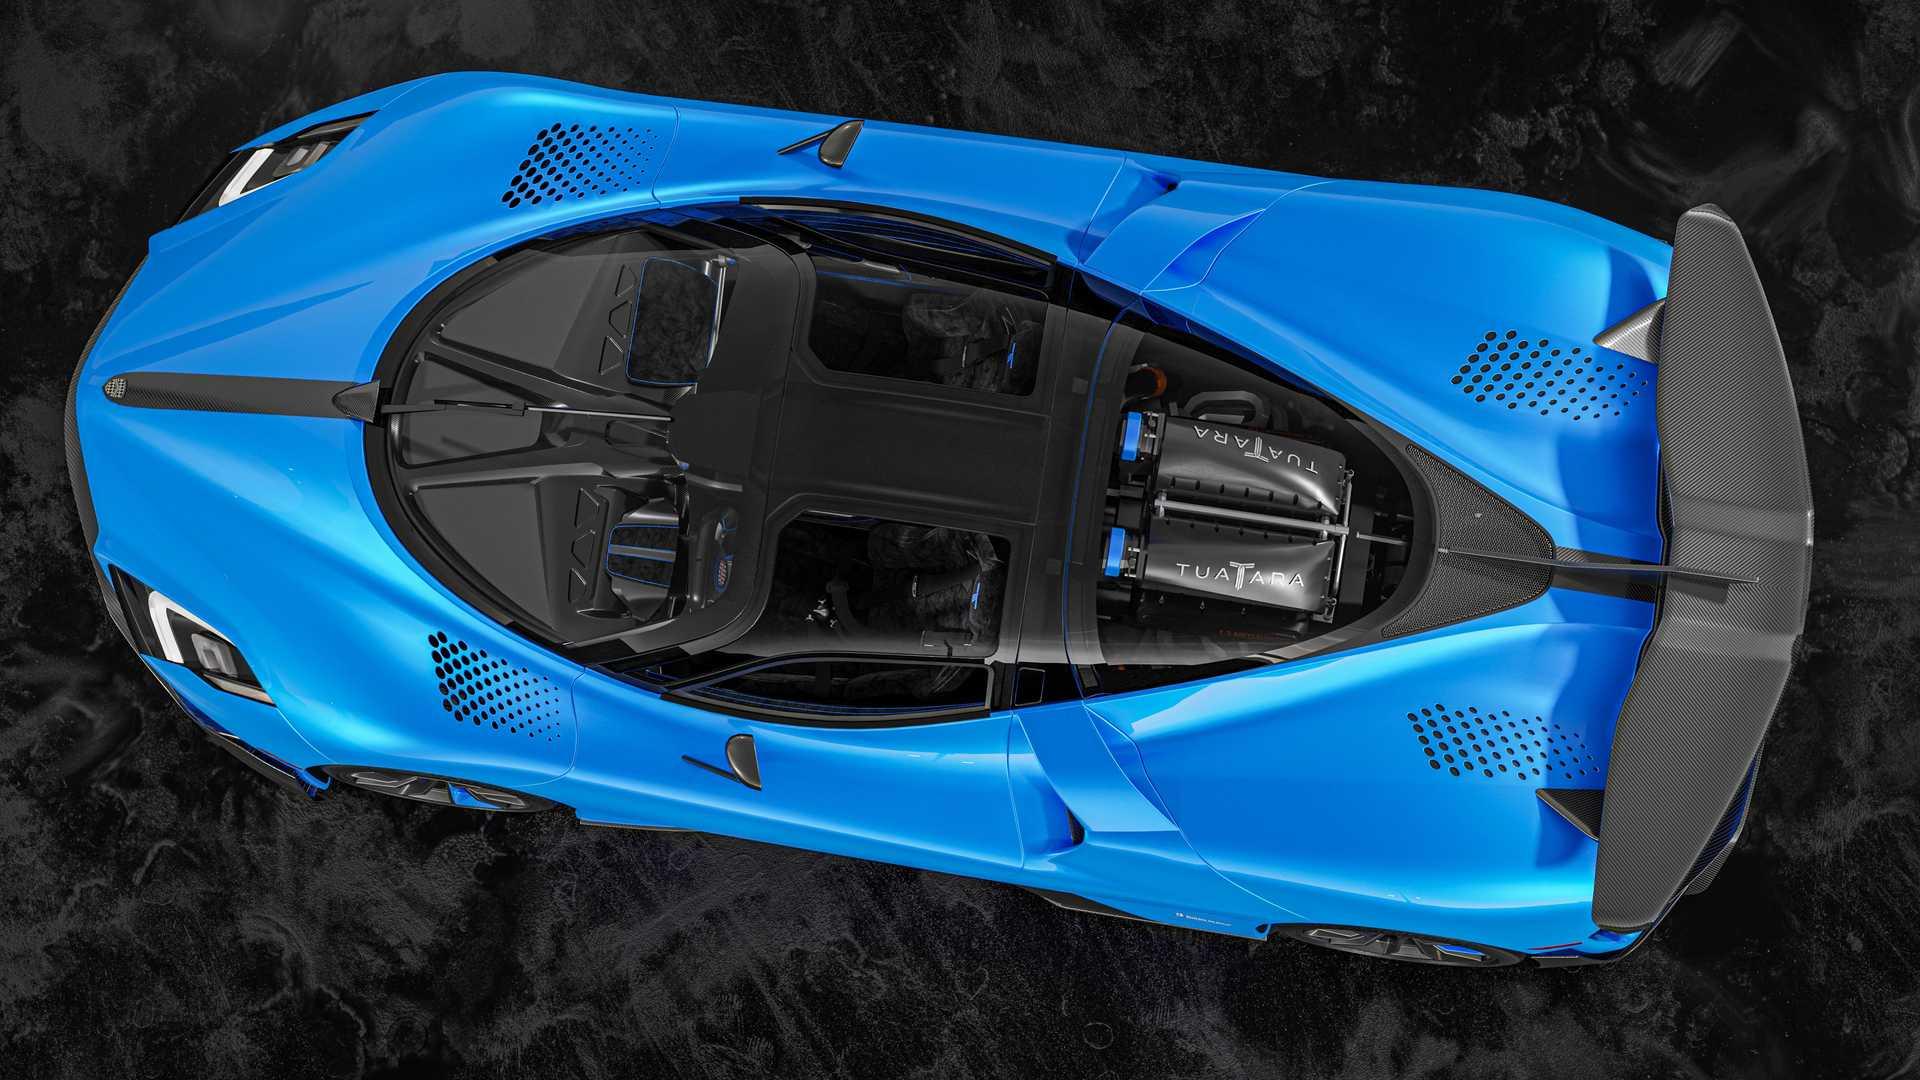 В октябре 2020 года компания SSC наделала много шума, заявив о новом рекорде скорости в классе серийных автомобилей. Утверждалось, что Tuatara под управлением Оливера Уэбба показала среднюю максимальную скорость в 508,73 км/ч. Однако аудитория быстро обнаружила несостыковки в видео и обрушилась с критикой на производителя.